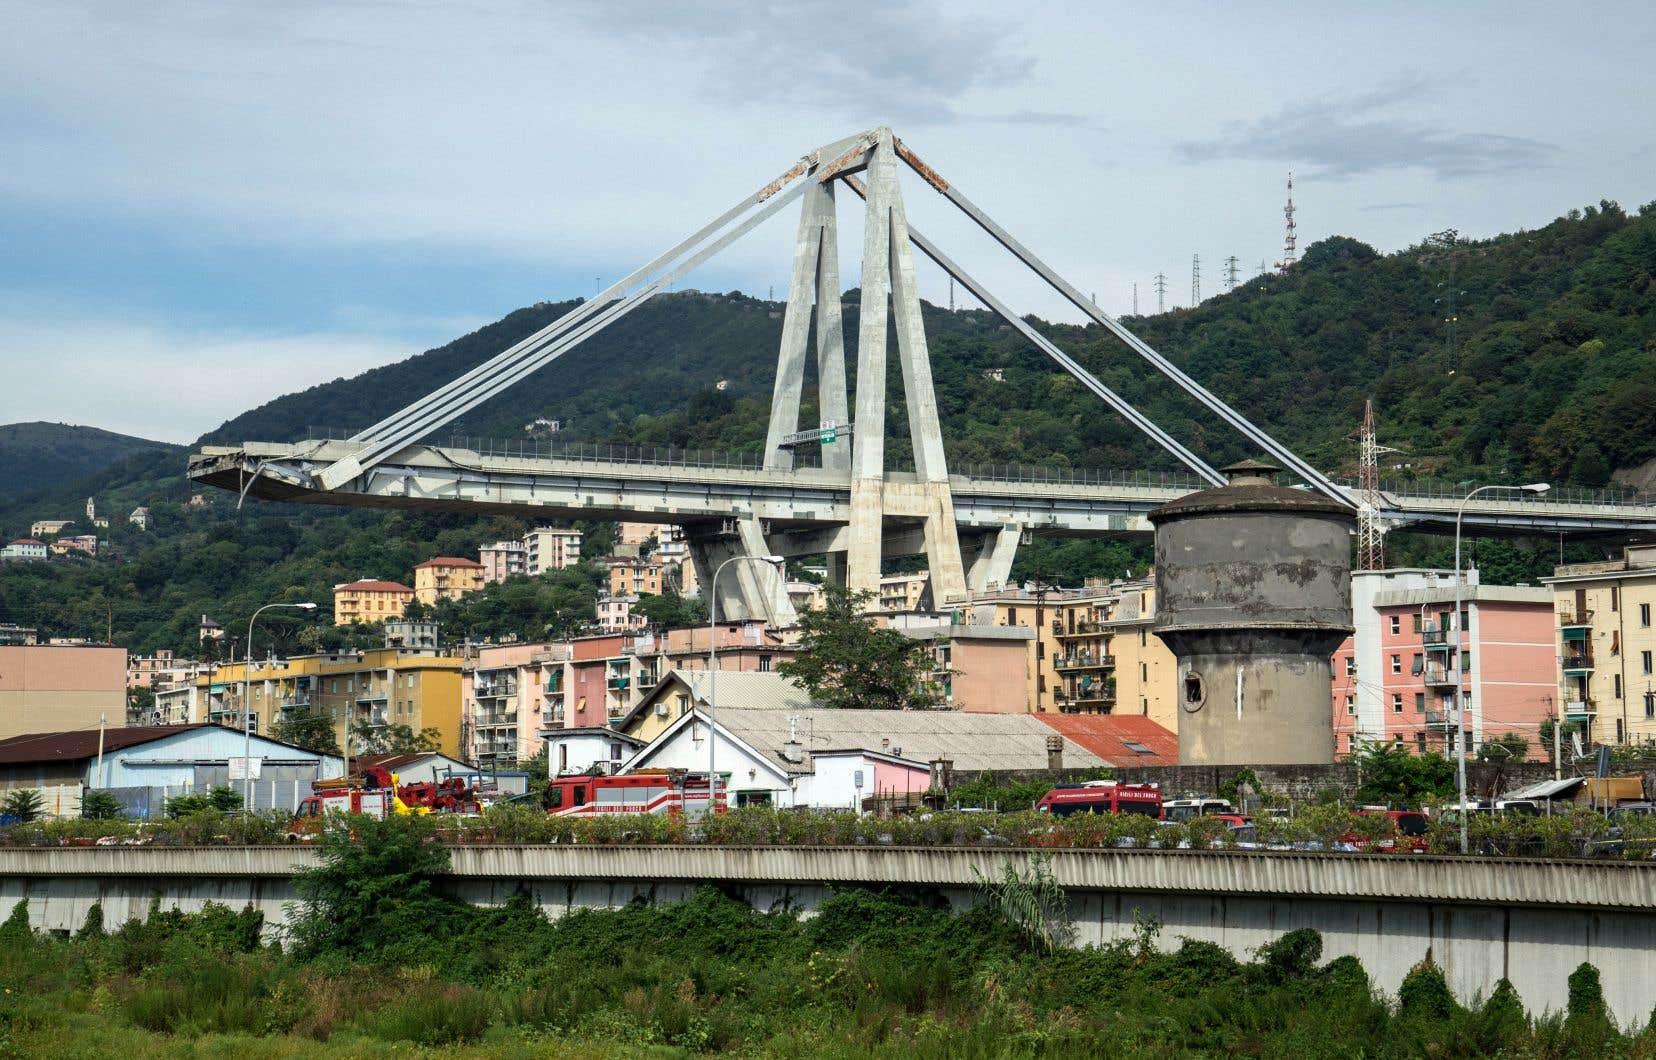 Compte tenu de l'importance de l'axe routier, l'hypothèse d'une démolition du viaduc Morandi avait même été étudiée en 2009. Au moment de l'accident, des travaux de maintenance étaient en cours.